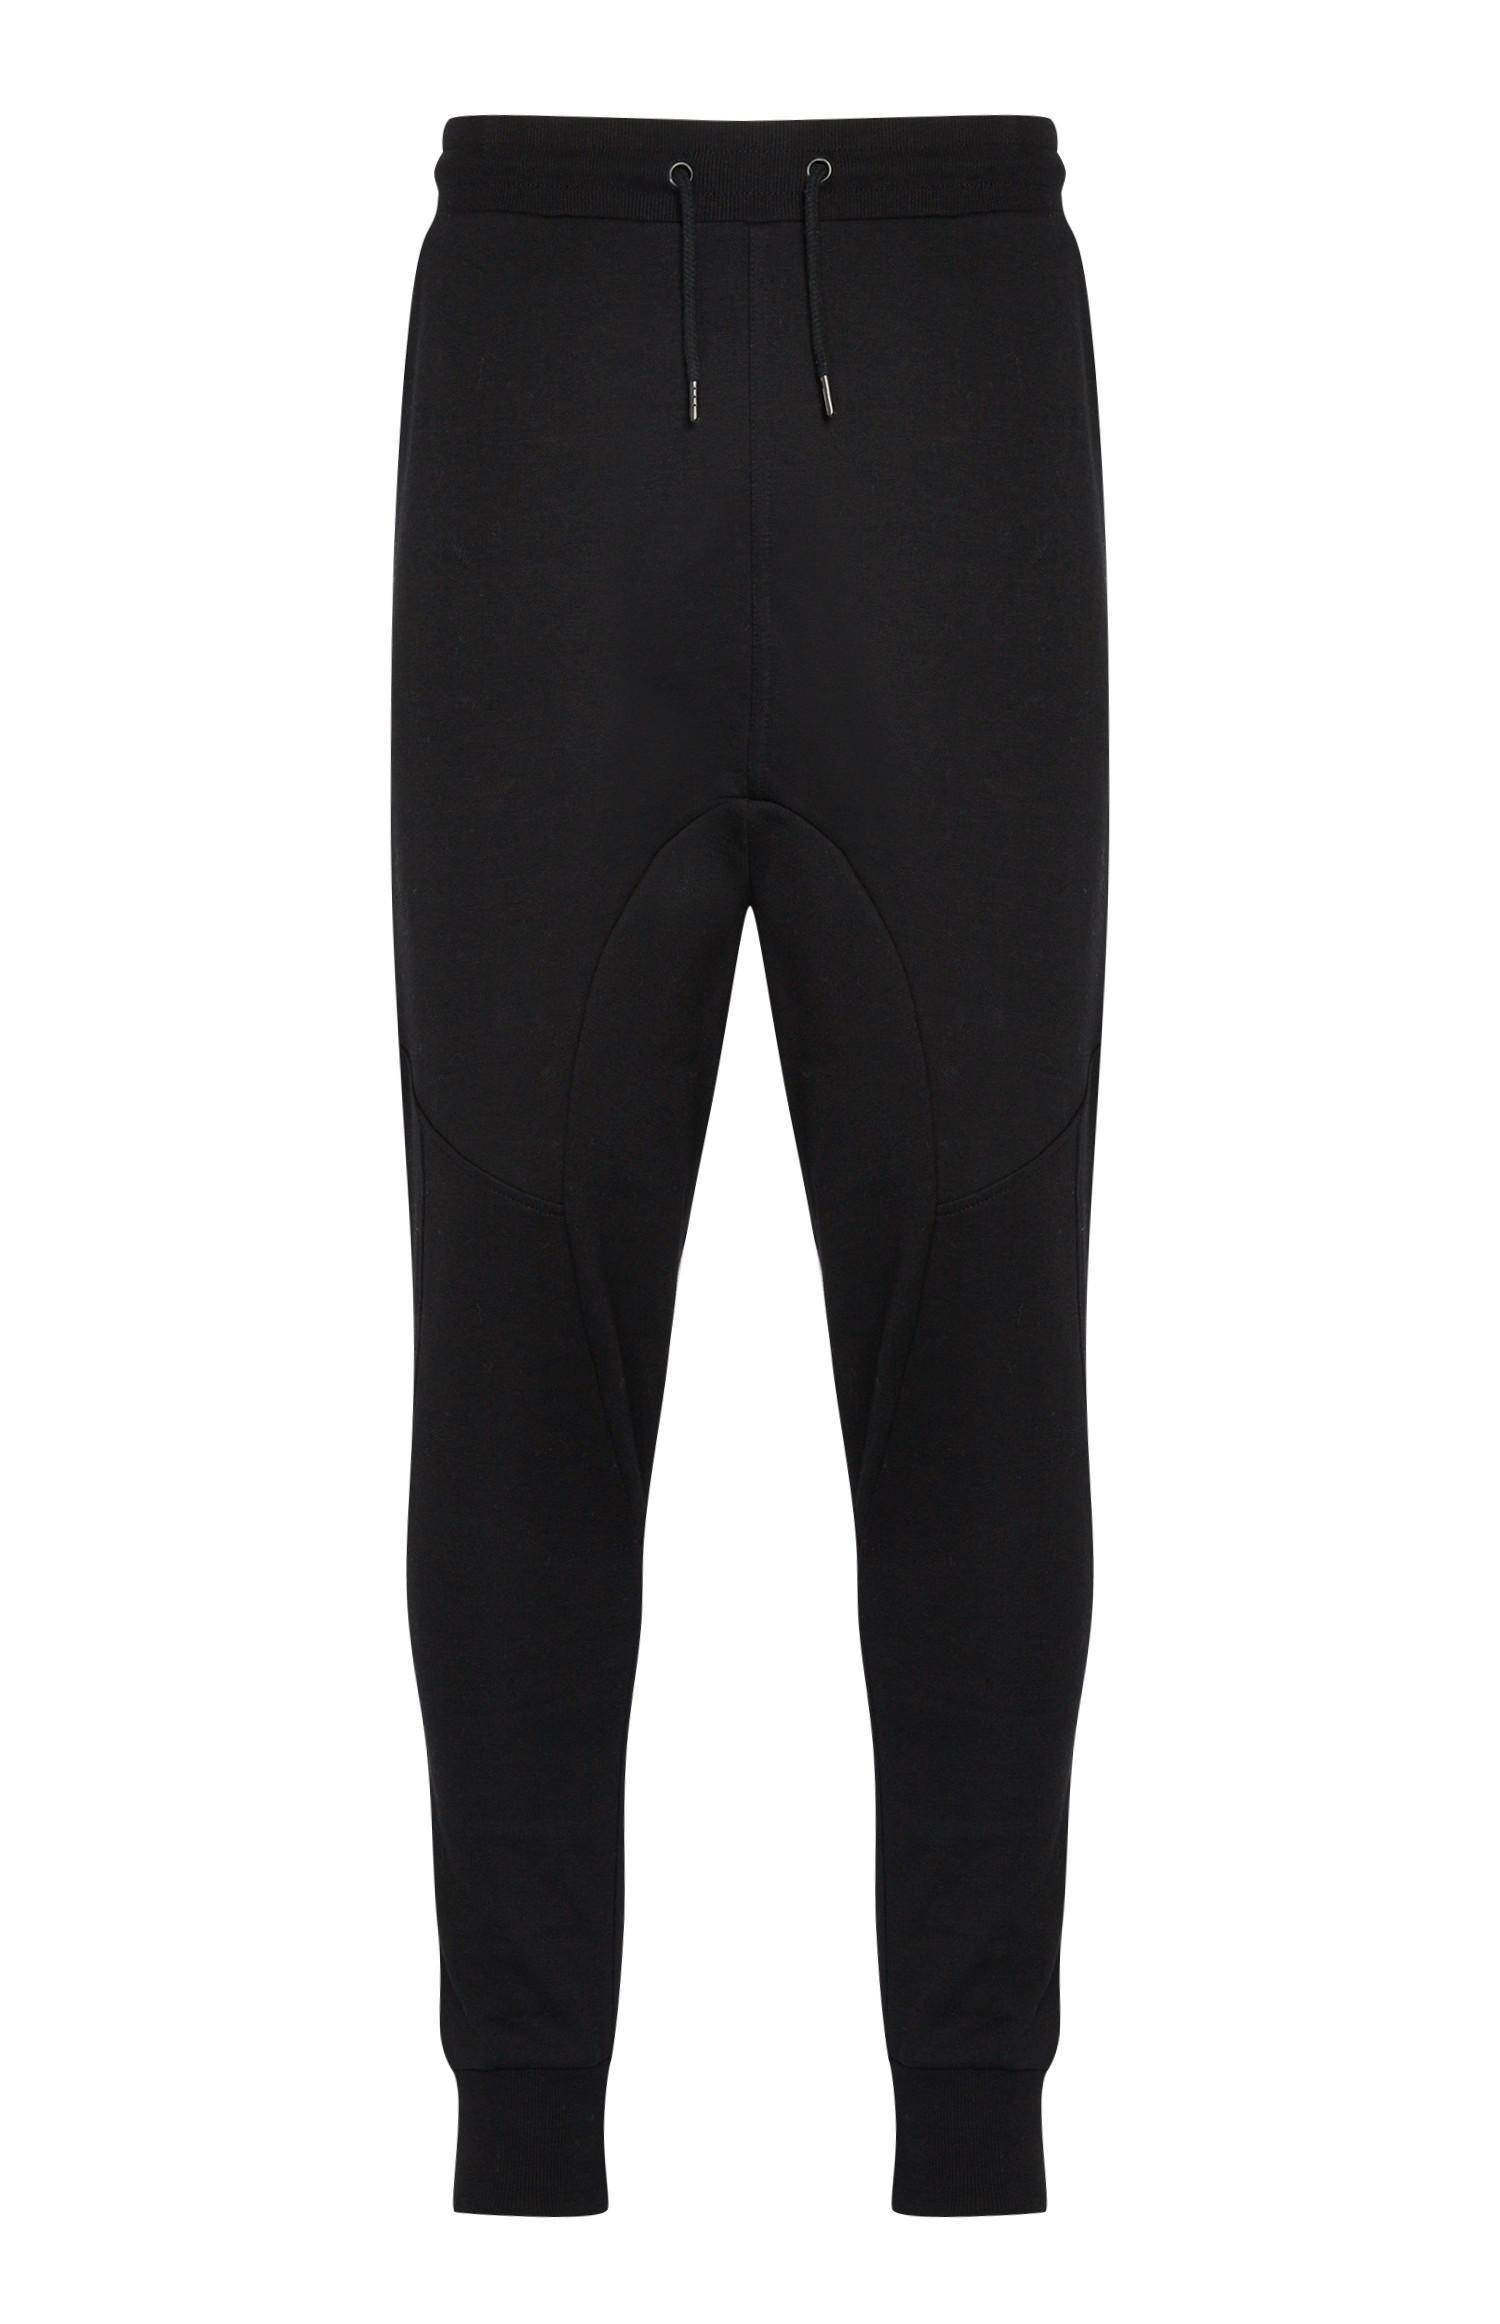 Pantalón de chándal ajustado negro